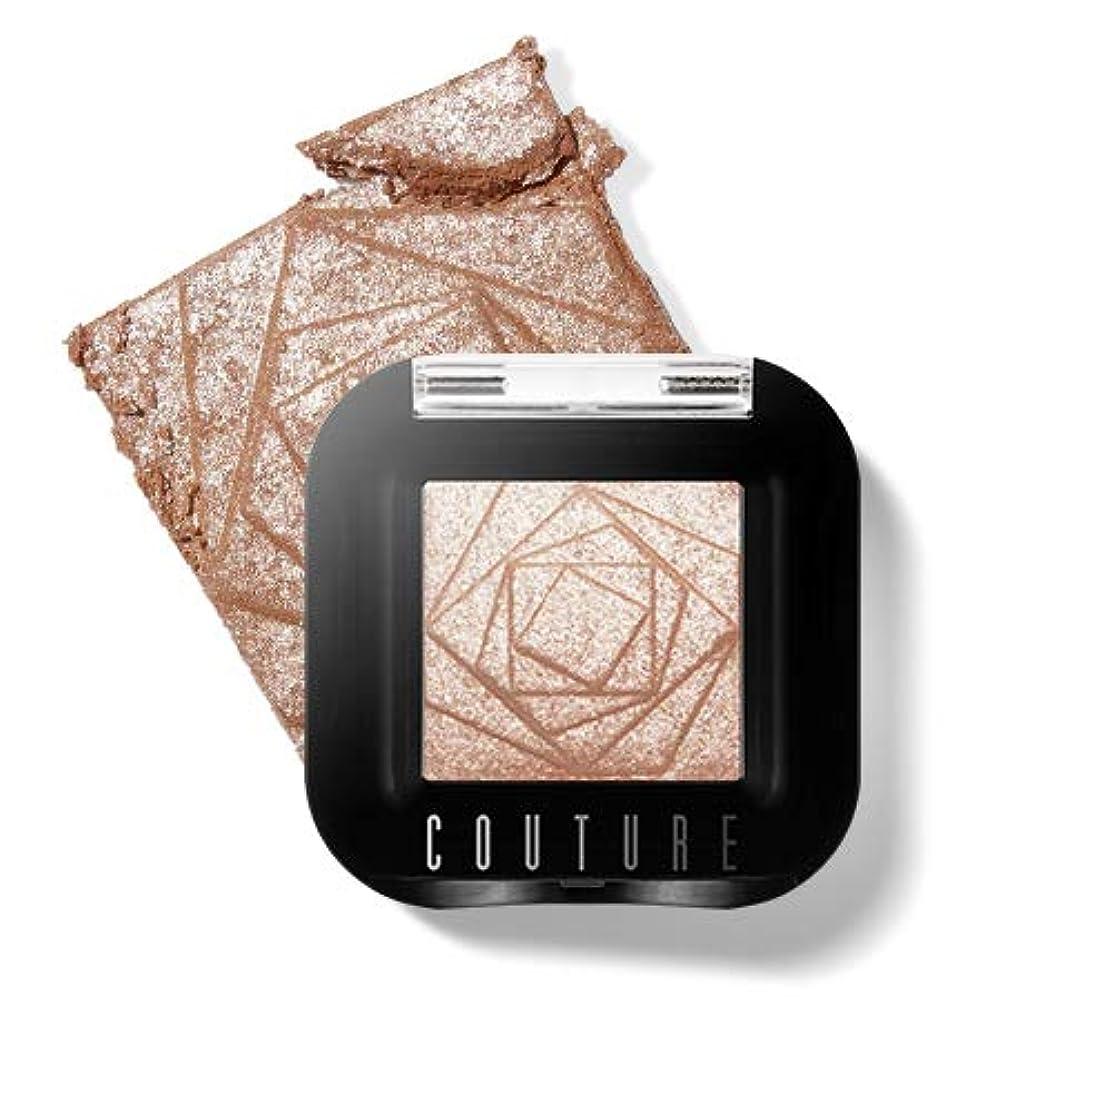 ポルトガル語パースを通してAPIEU Couture Shadow (# 29) /アピュ/オピュ クチュールシャドウ 1.7g [並行輸入品]